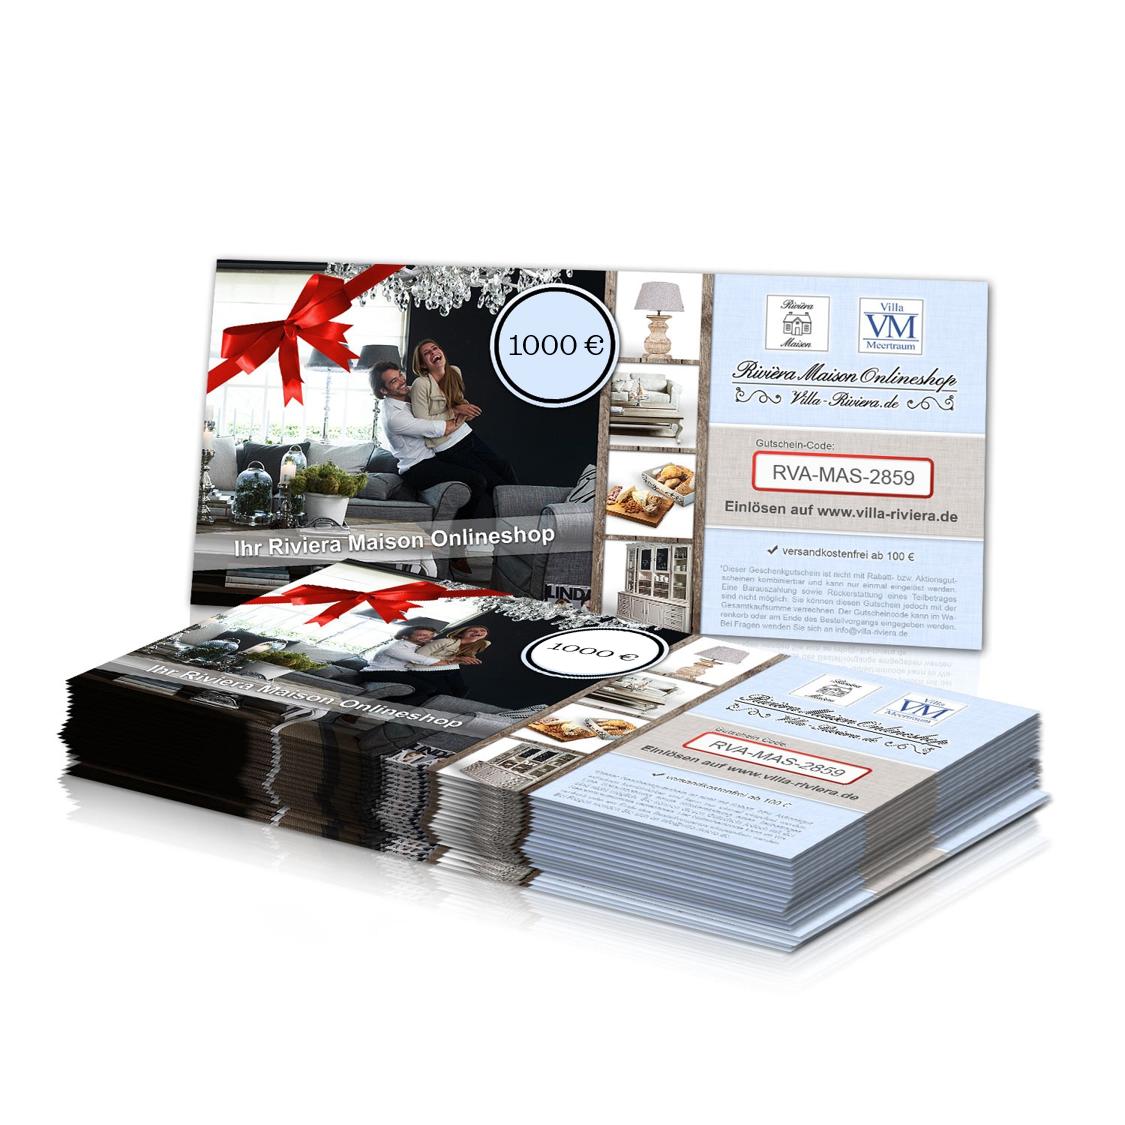 1000-euro-geschenkgutschein-von-riviera-maison-1